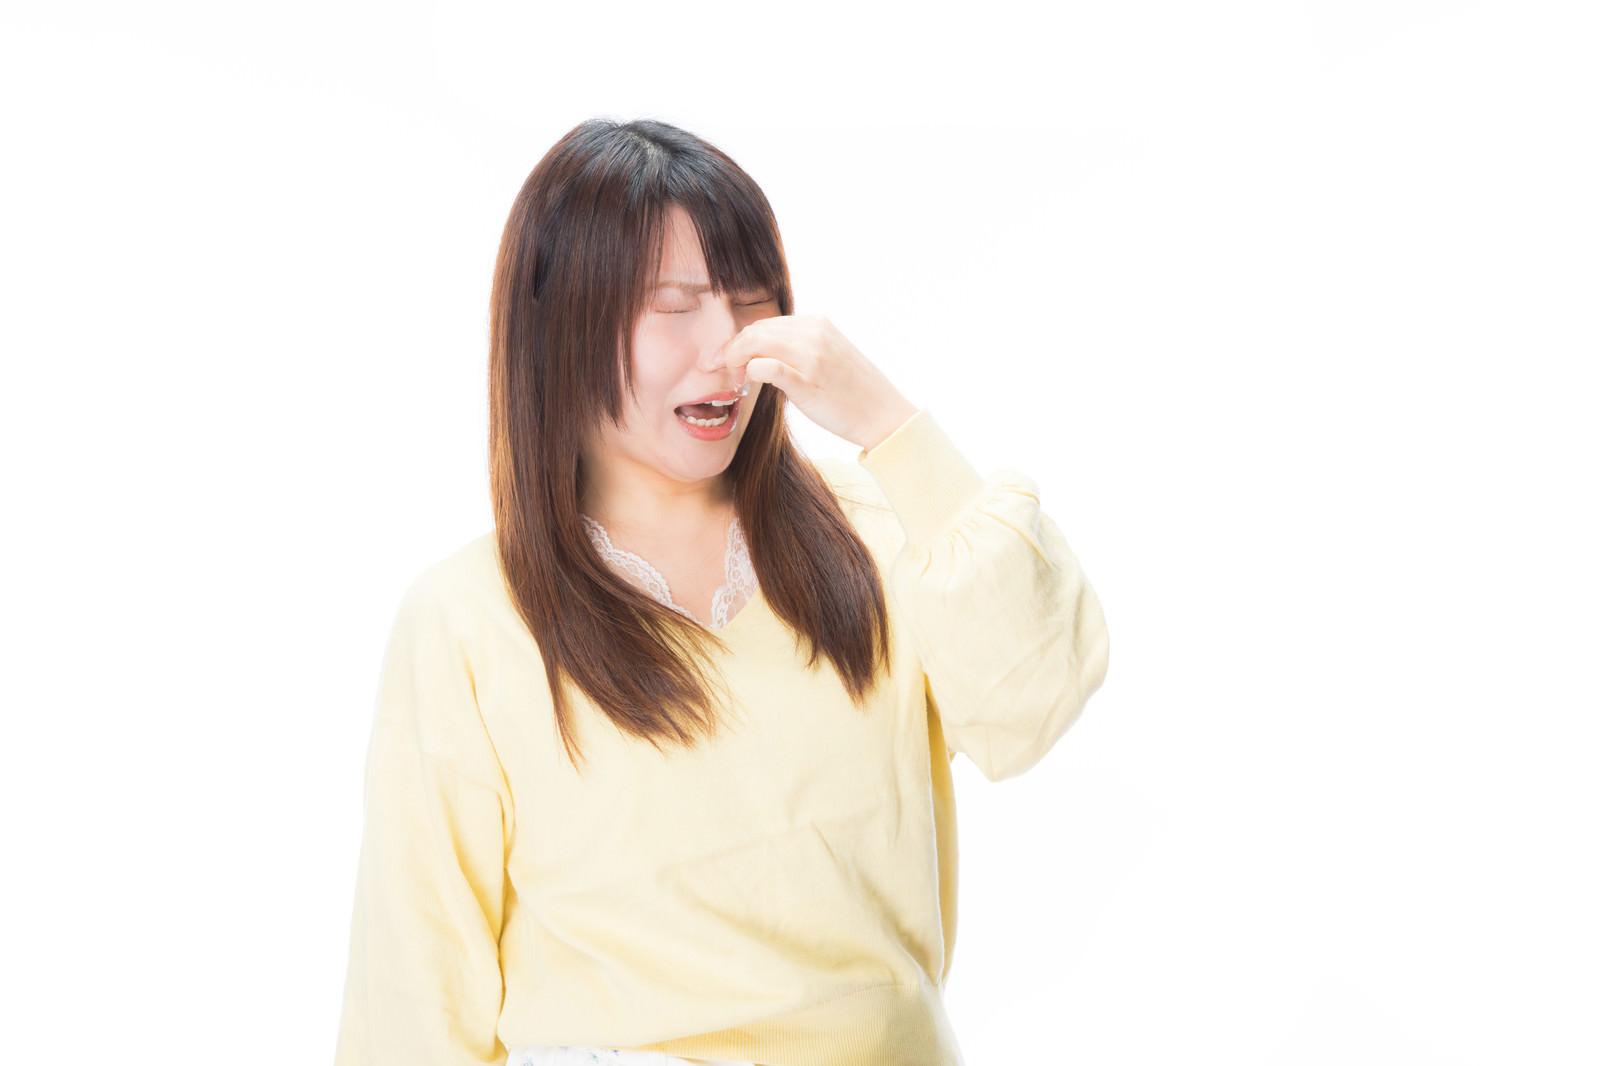 「「くっさーーい!」と悲鳴をあげる女性」の写真[モデル:Lala]